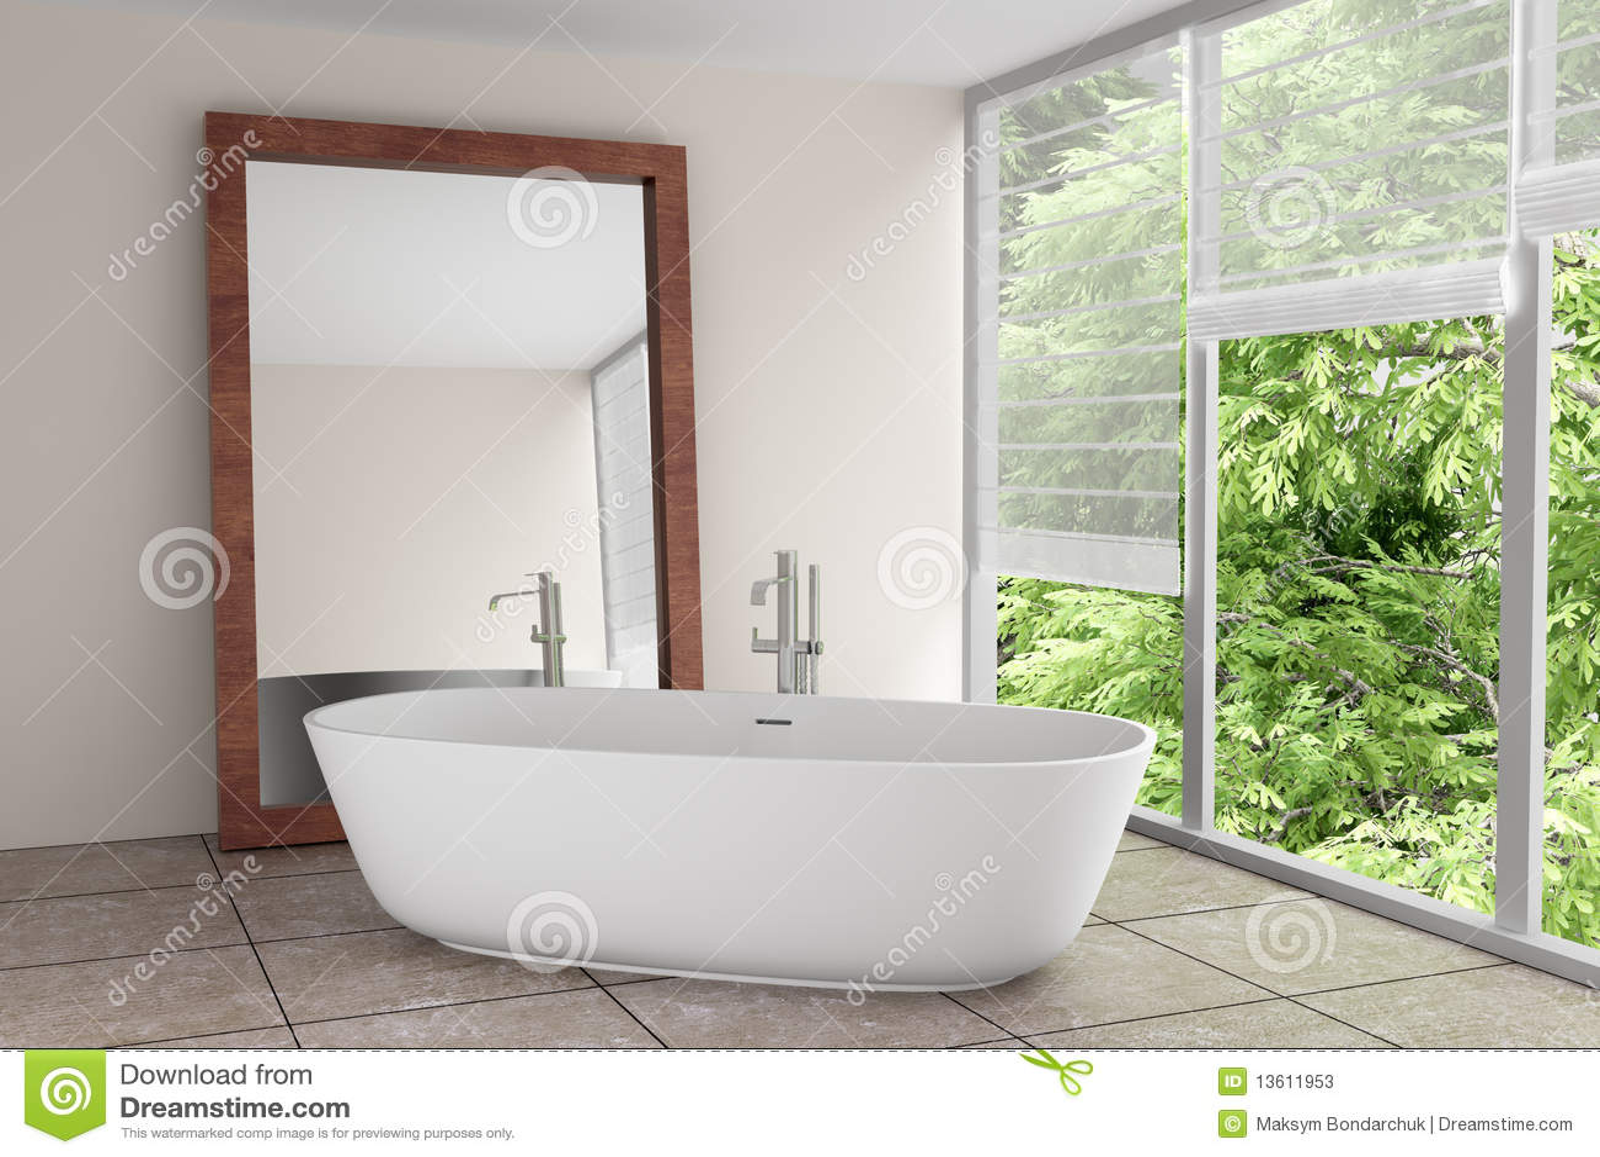 Download Modernes Badezimmer Mit Großem Spiegel Stockbild   Bild Von Farbe,  Holz: 13611953